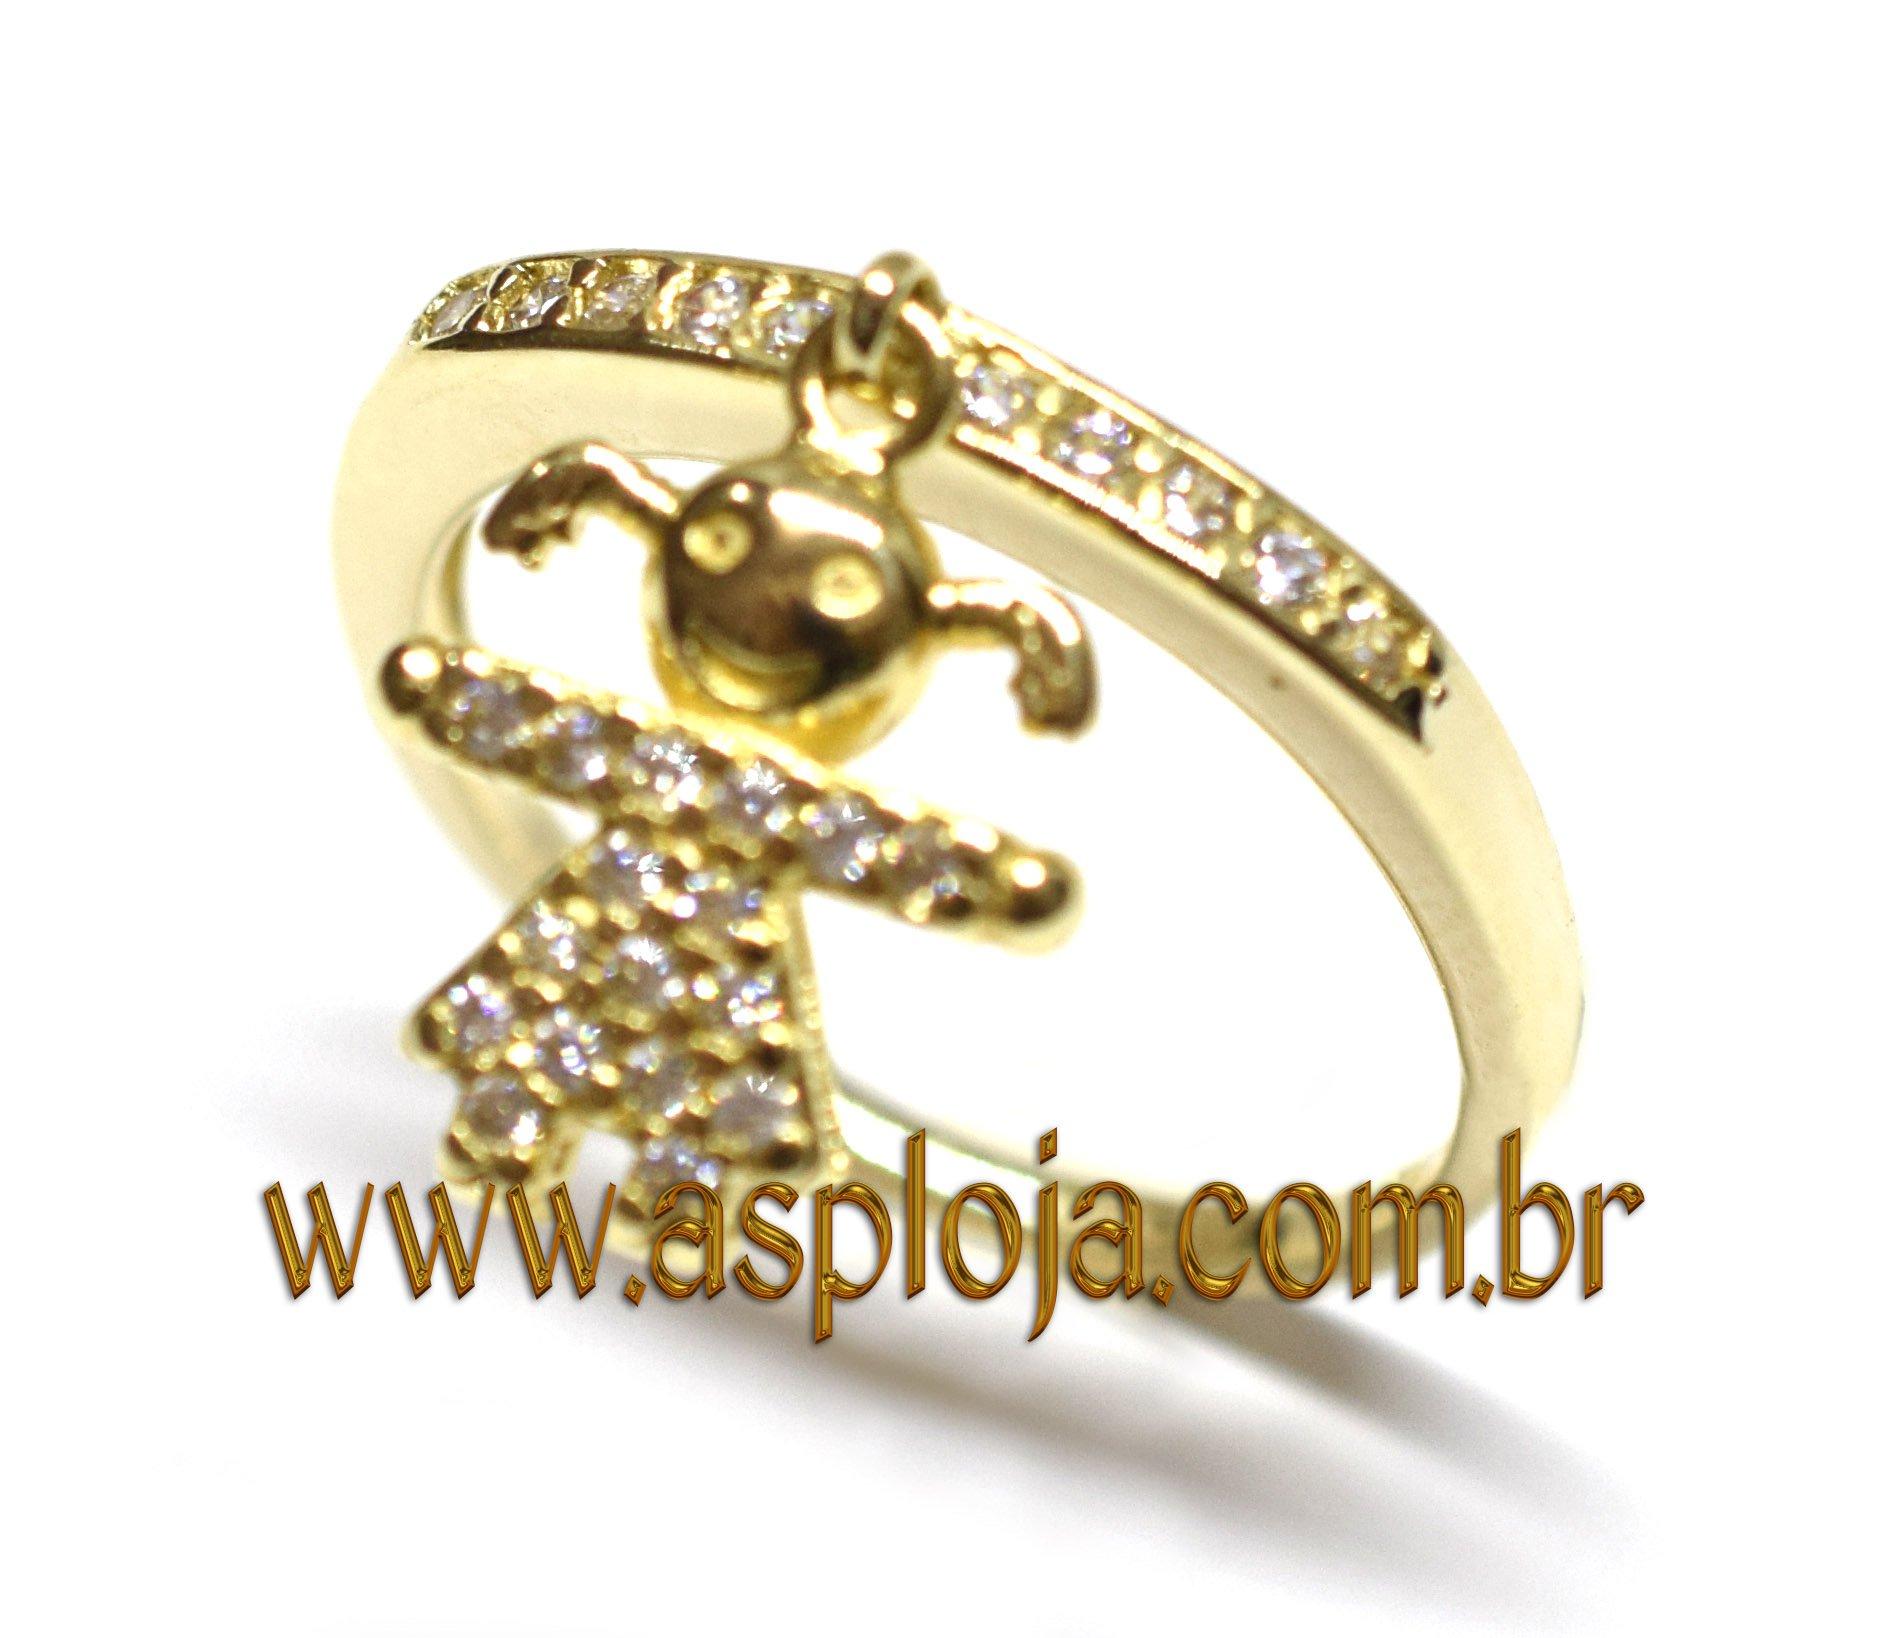 c325109280c26 Anel Meia Aliança Ouro 18K Com Berloque Menina Cravejada 27 Diamantes 1,0  Ponto - A.S.P LOJA